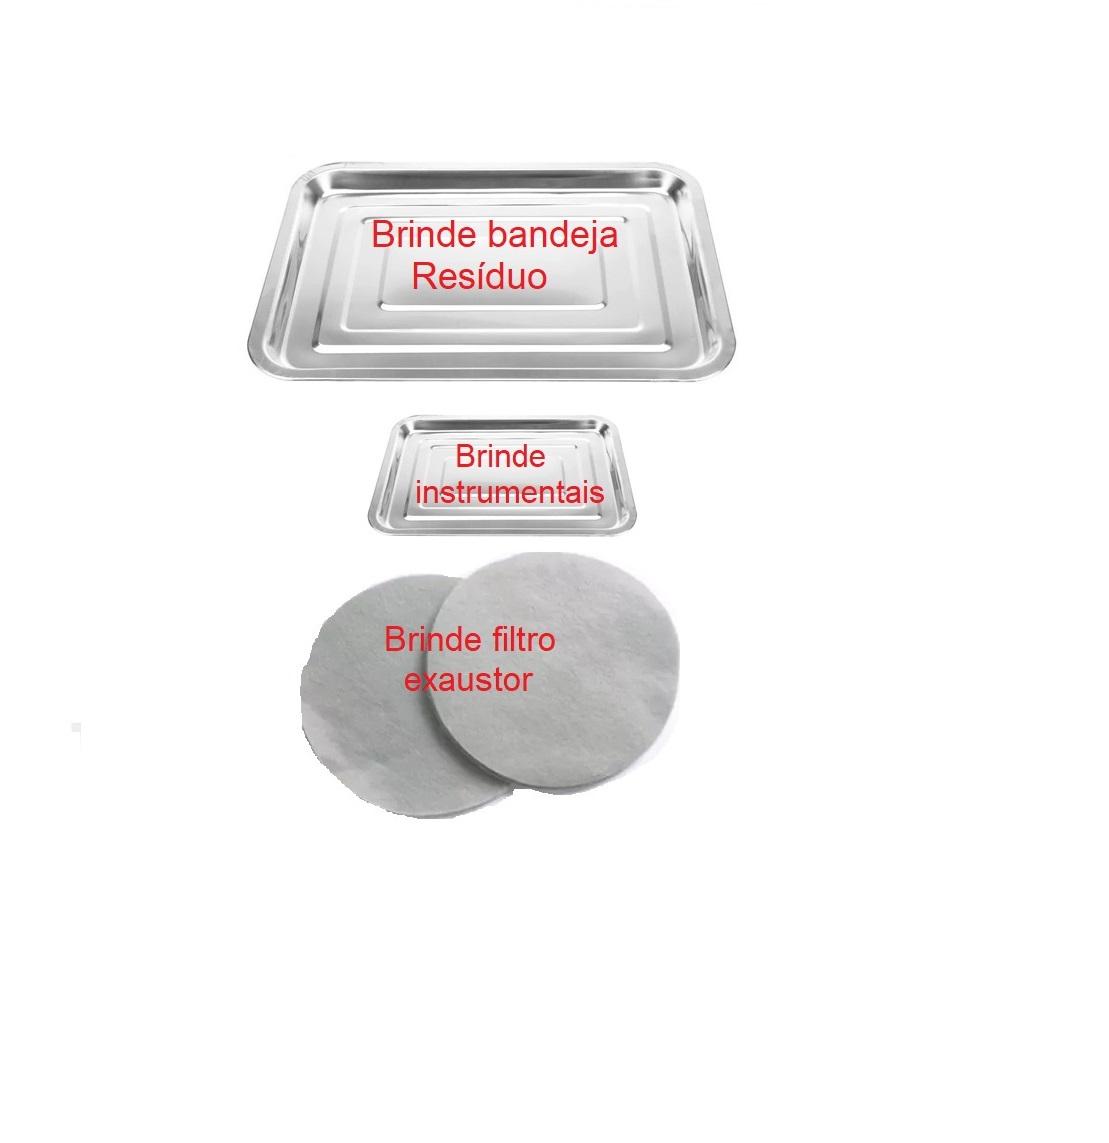 Kit Podologia Cadeira Mocho a Gás Exaustor com Luminária Tripe Brinde Lupa de Cabeça